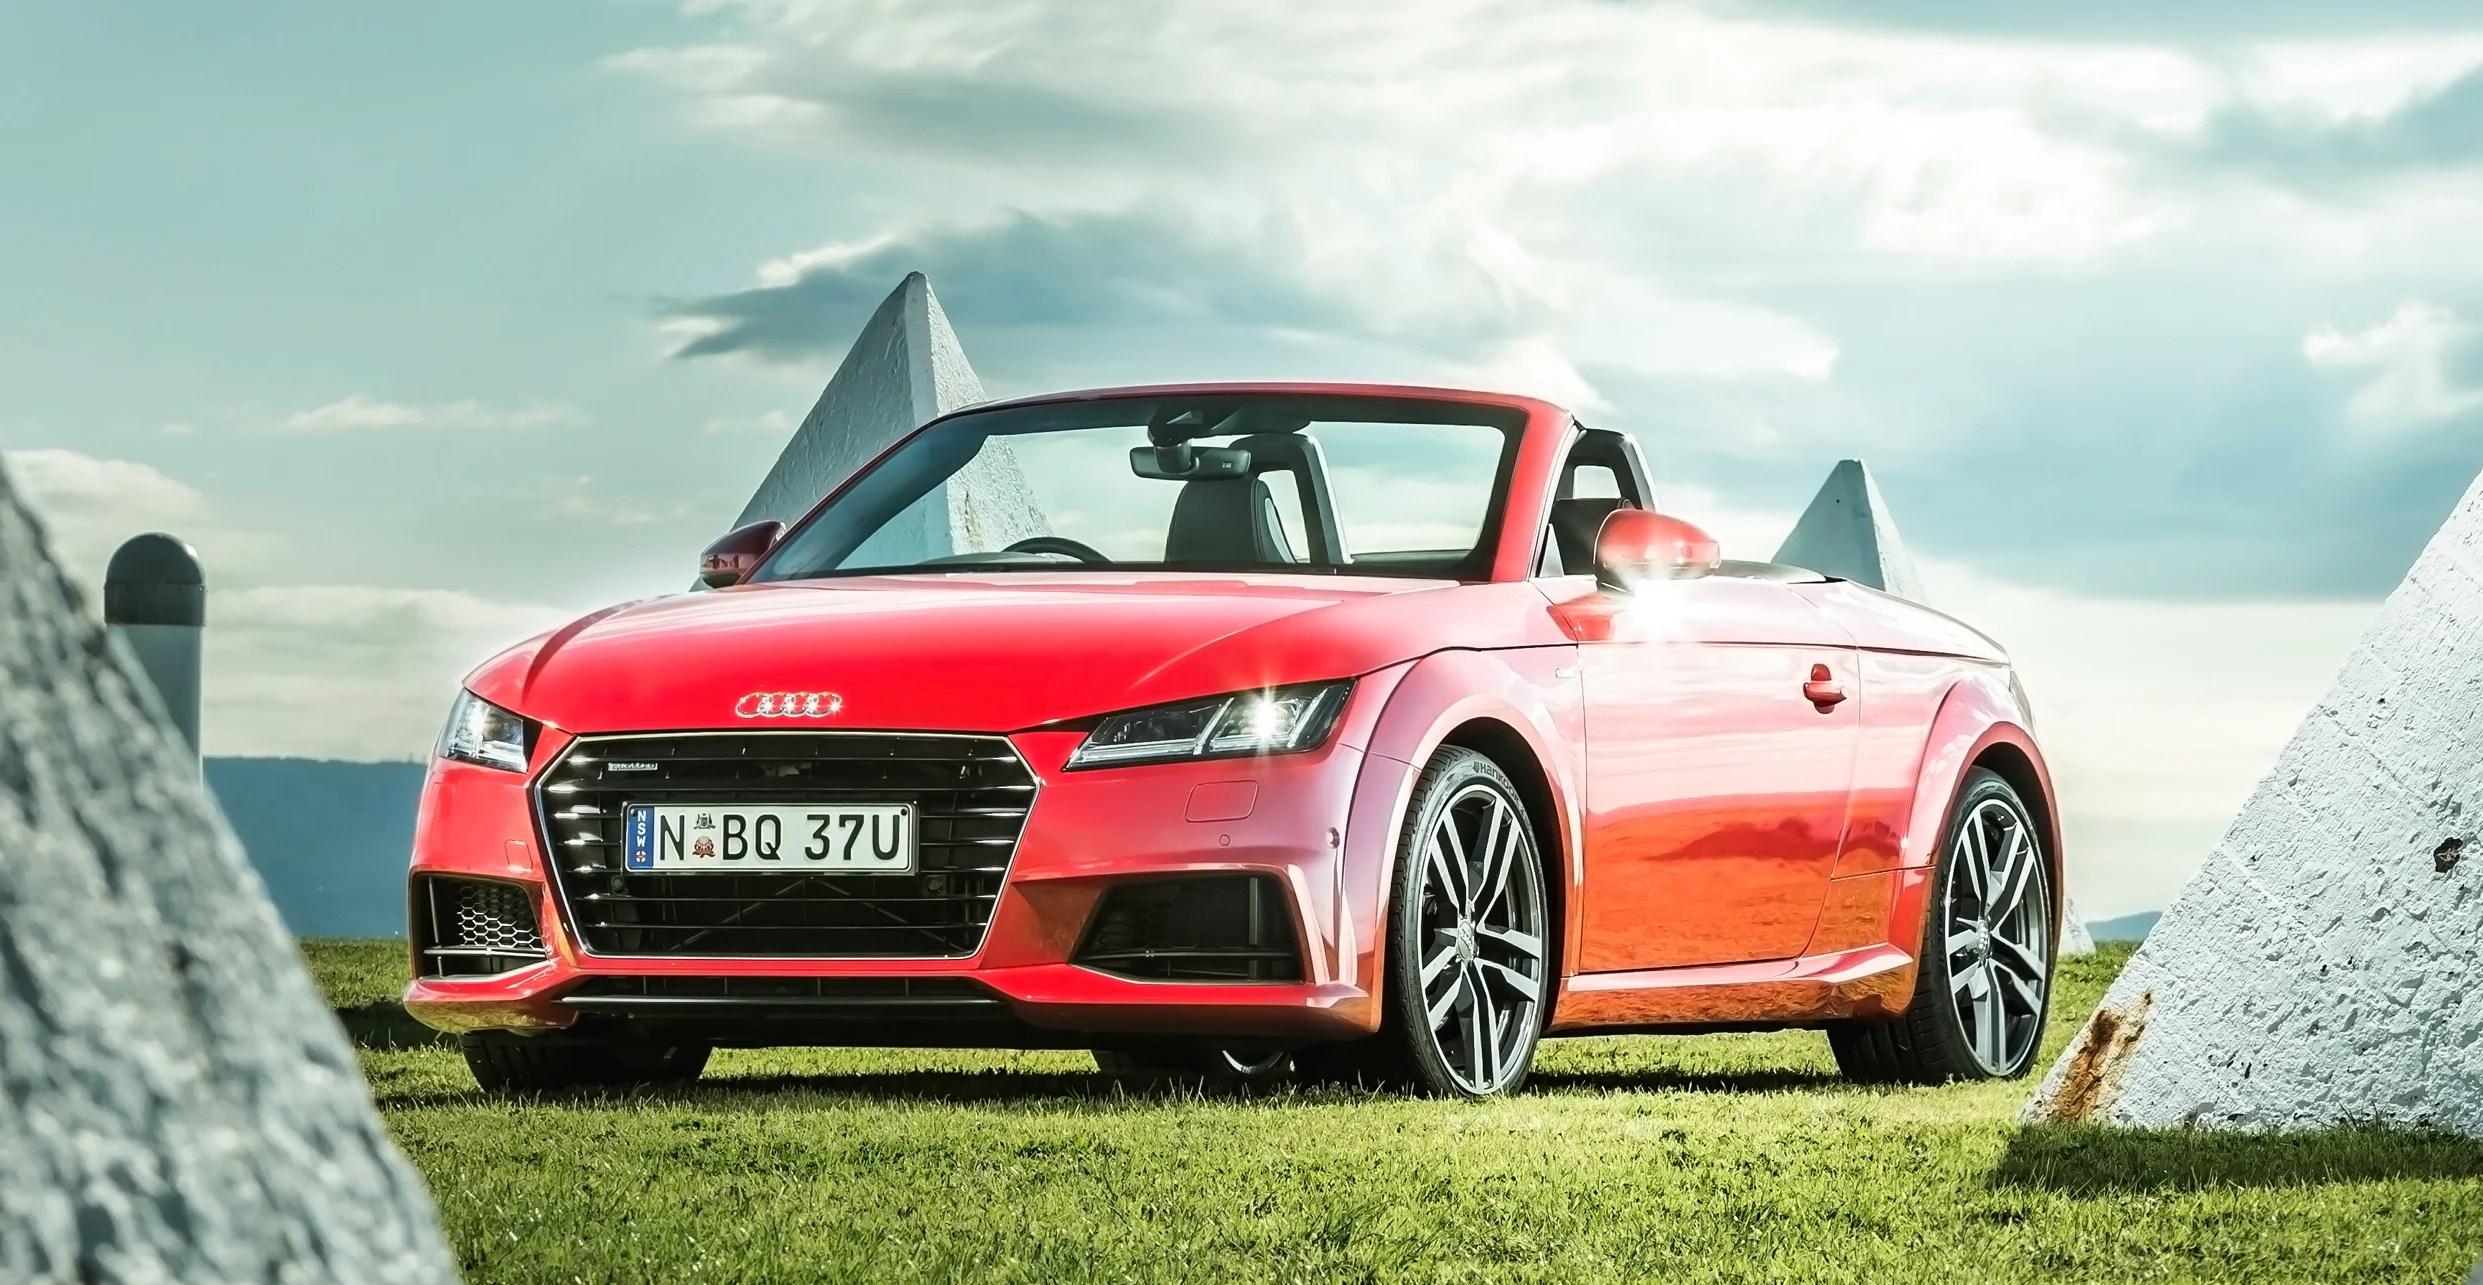 2016 Audi Tt Roadster Review Photos Caradvice